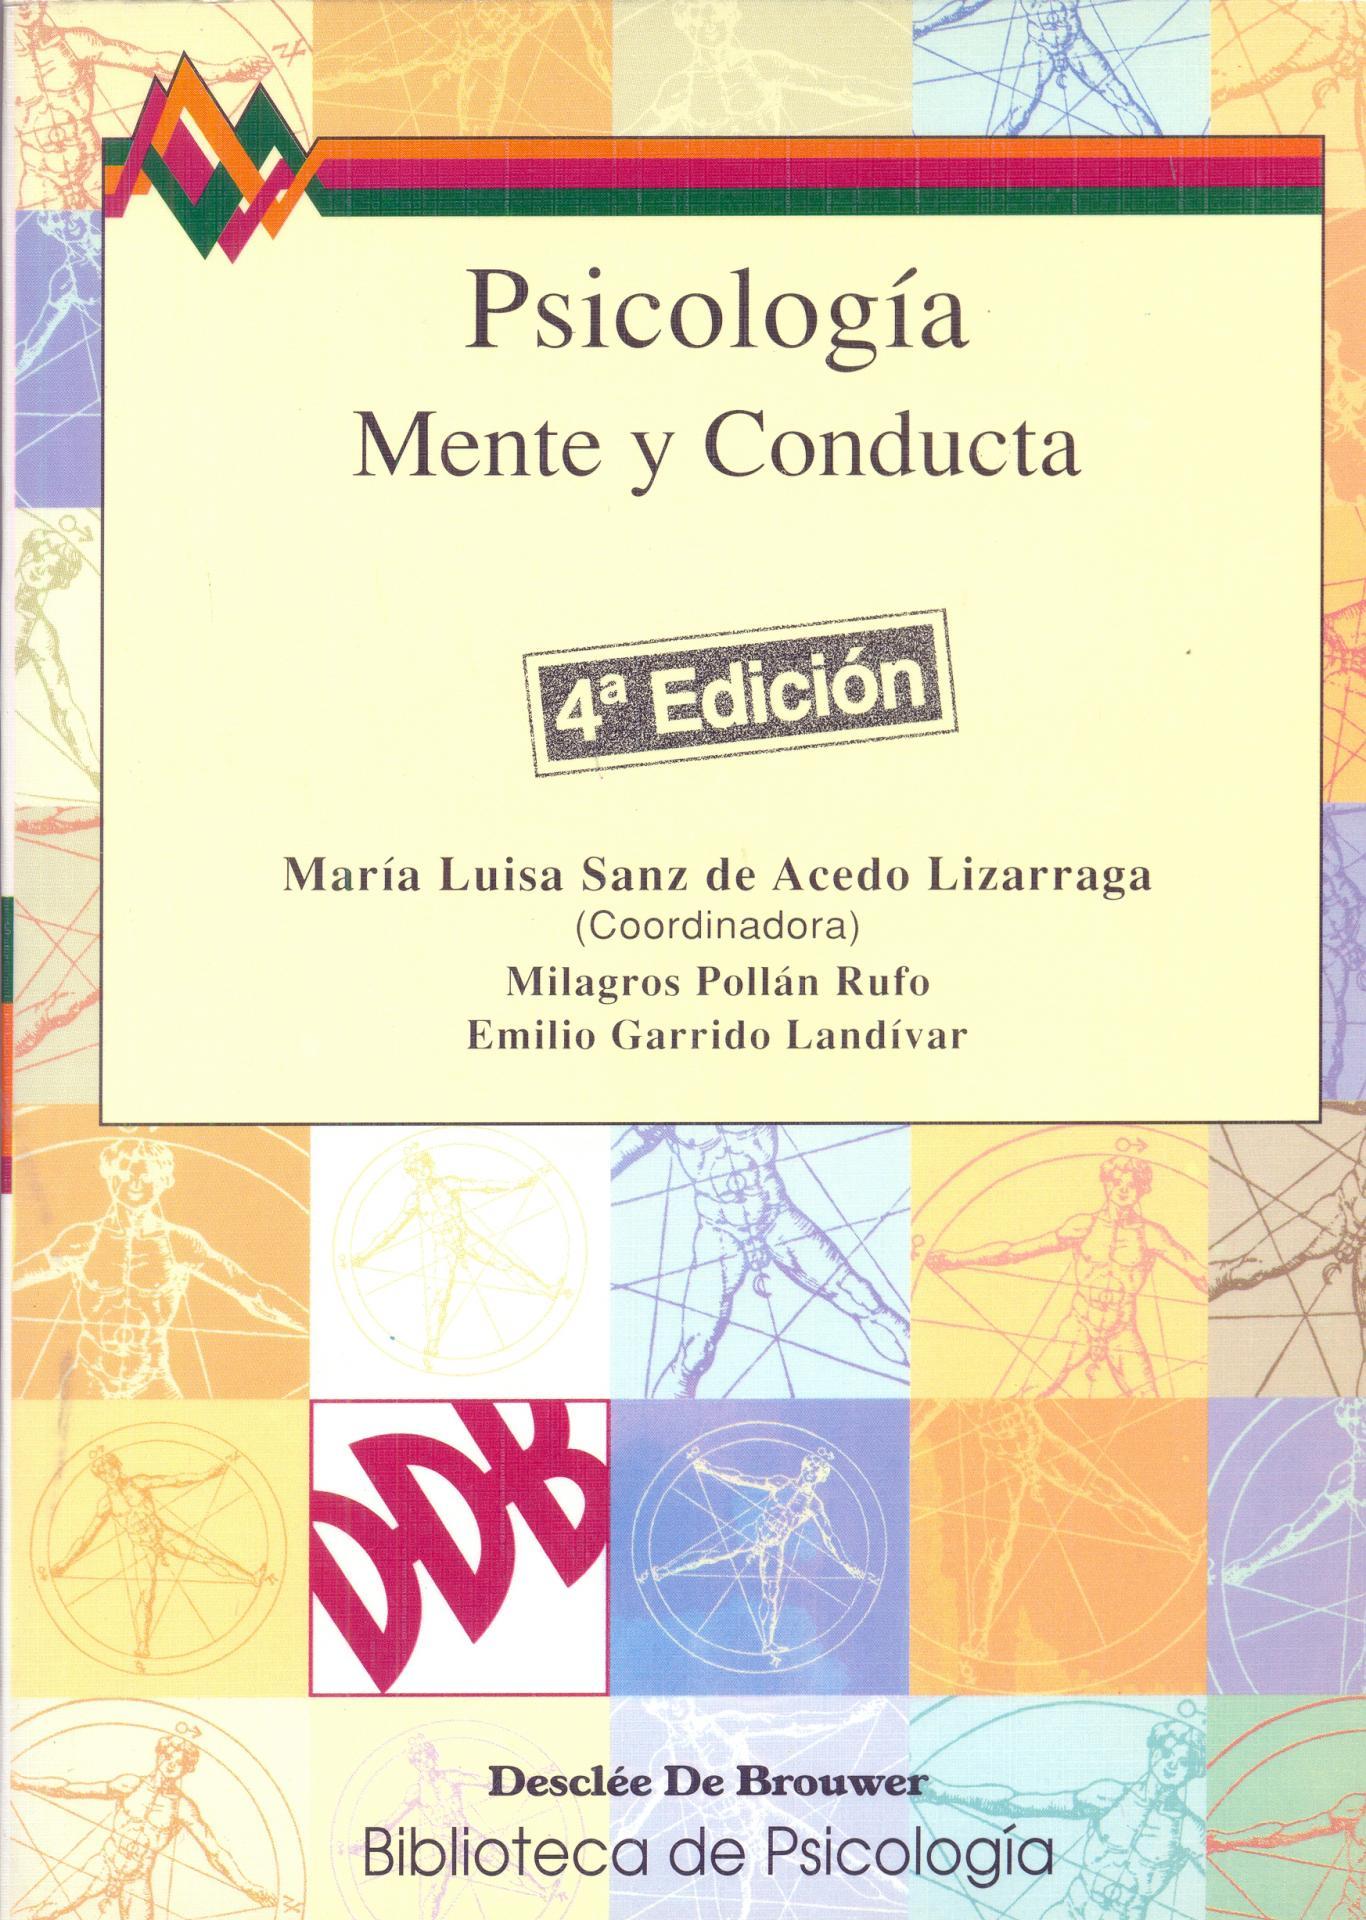 PSICOLOGÍA. Mente y conducta. Sanz de Acedo, ML